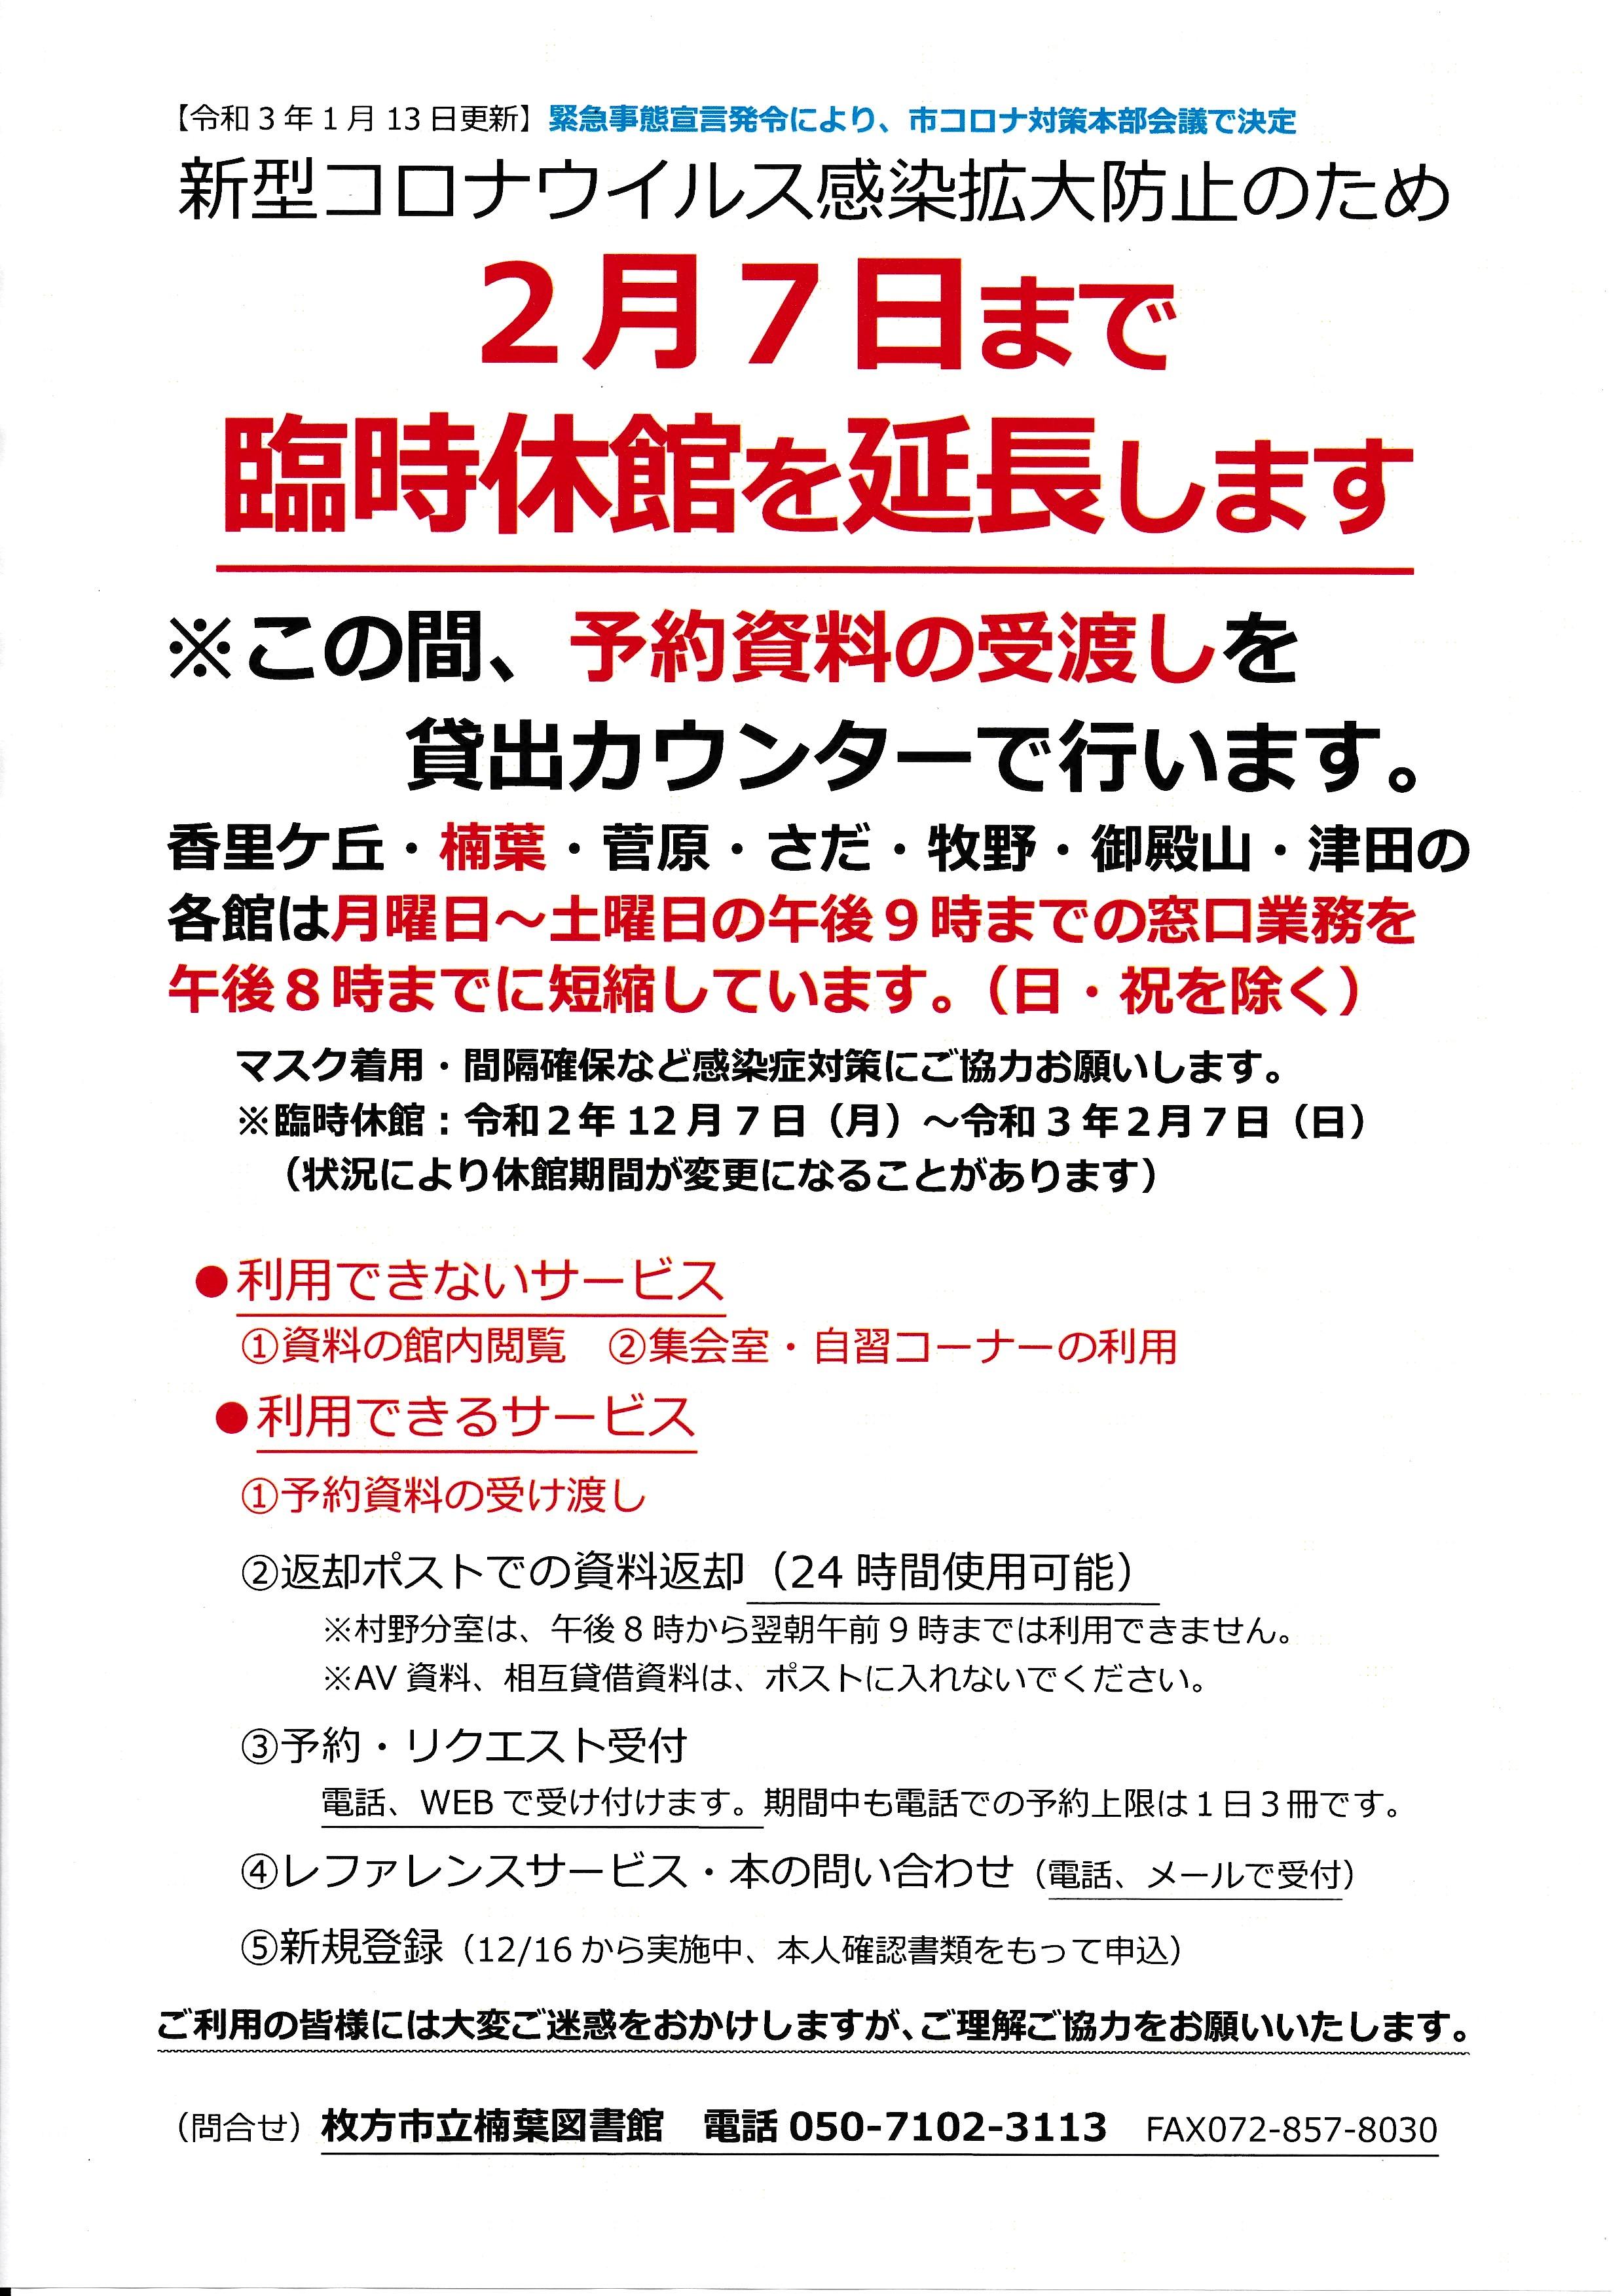 宣言 いつまで 東京 緊急 事態